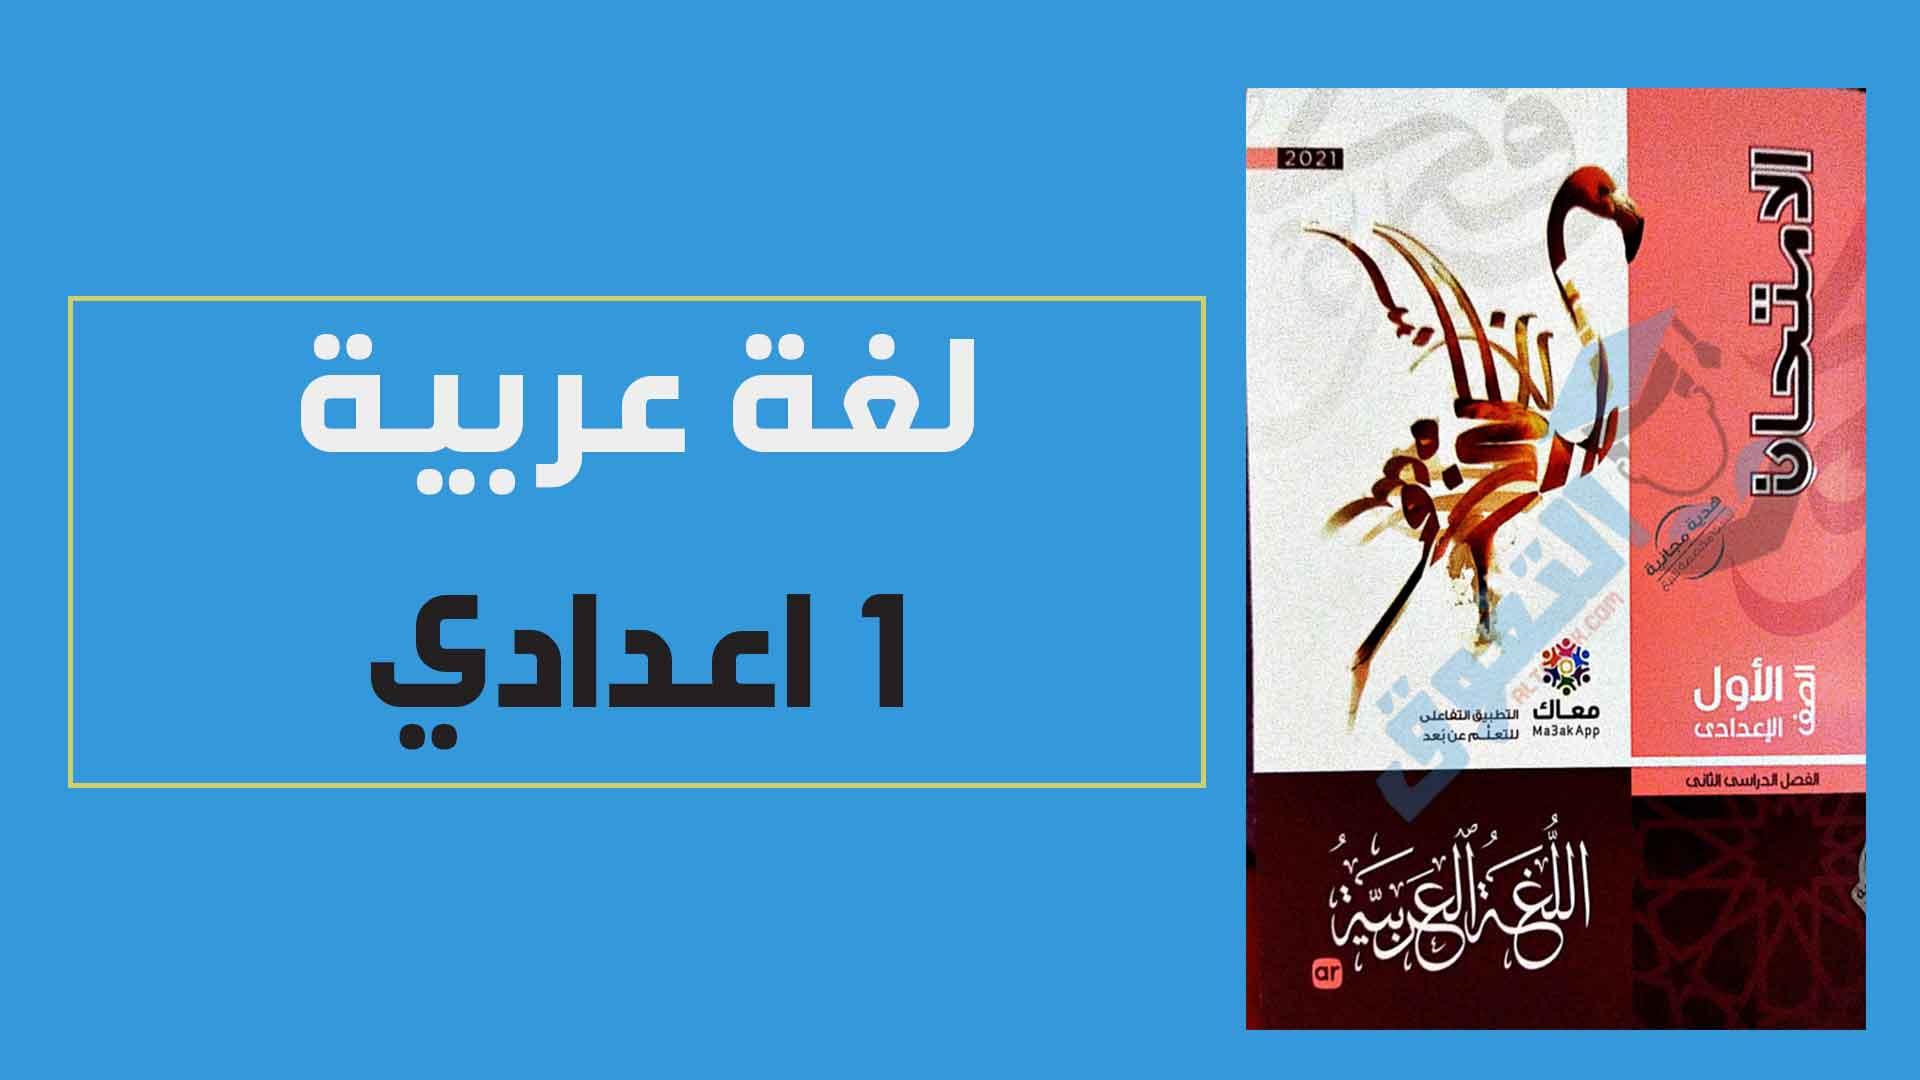 تحميل كتاب الامتحان فى اللغة العربية للصف الاول الاعدادى الترم الثانى 2021 pdf (كتاب الشرح)